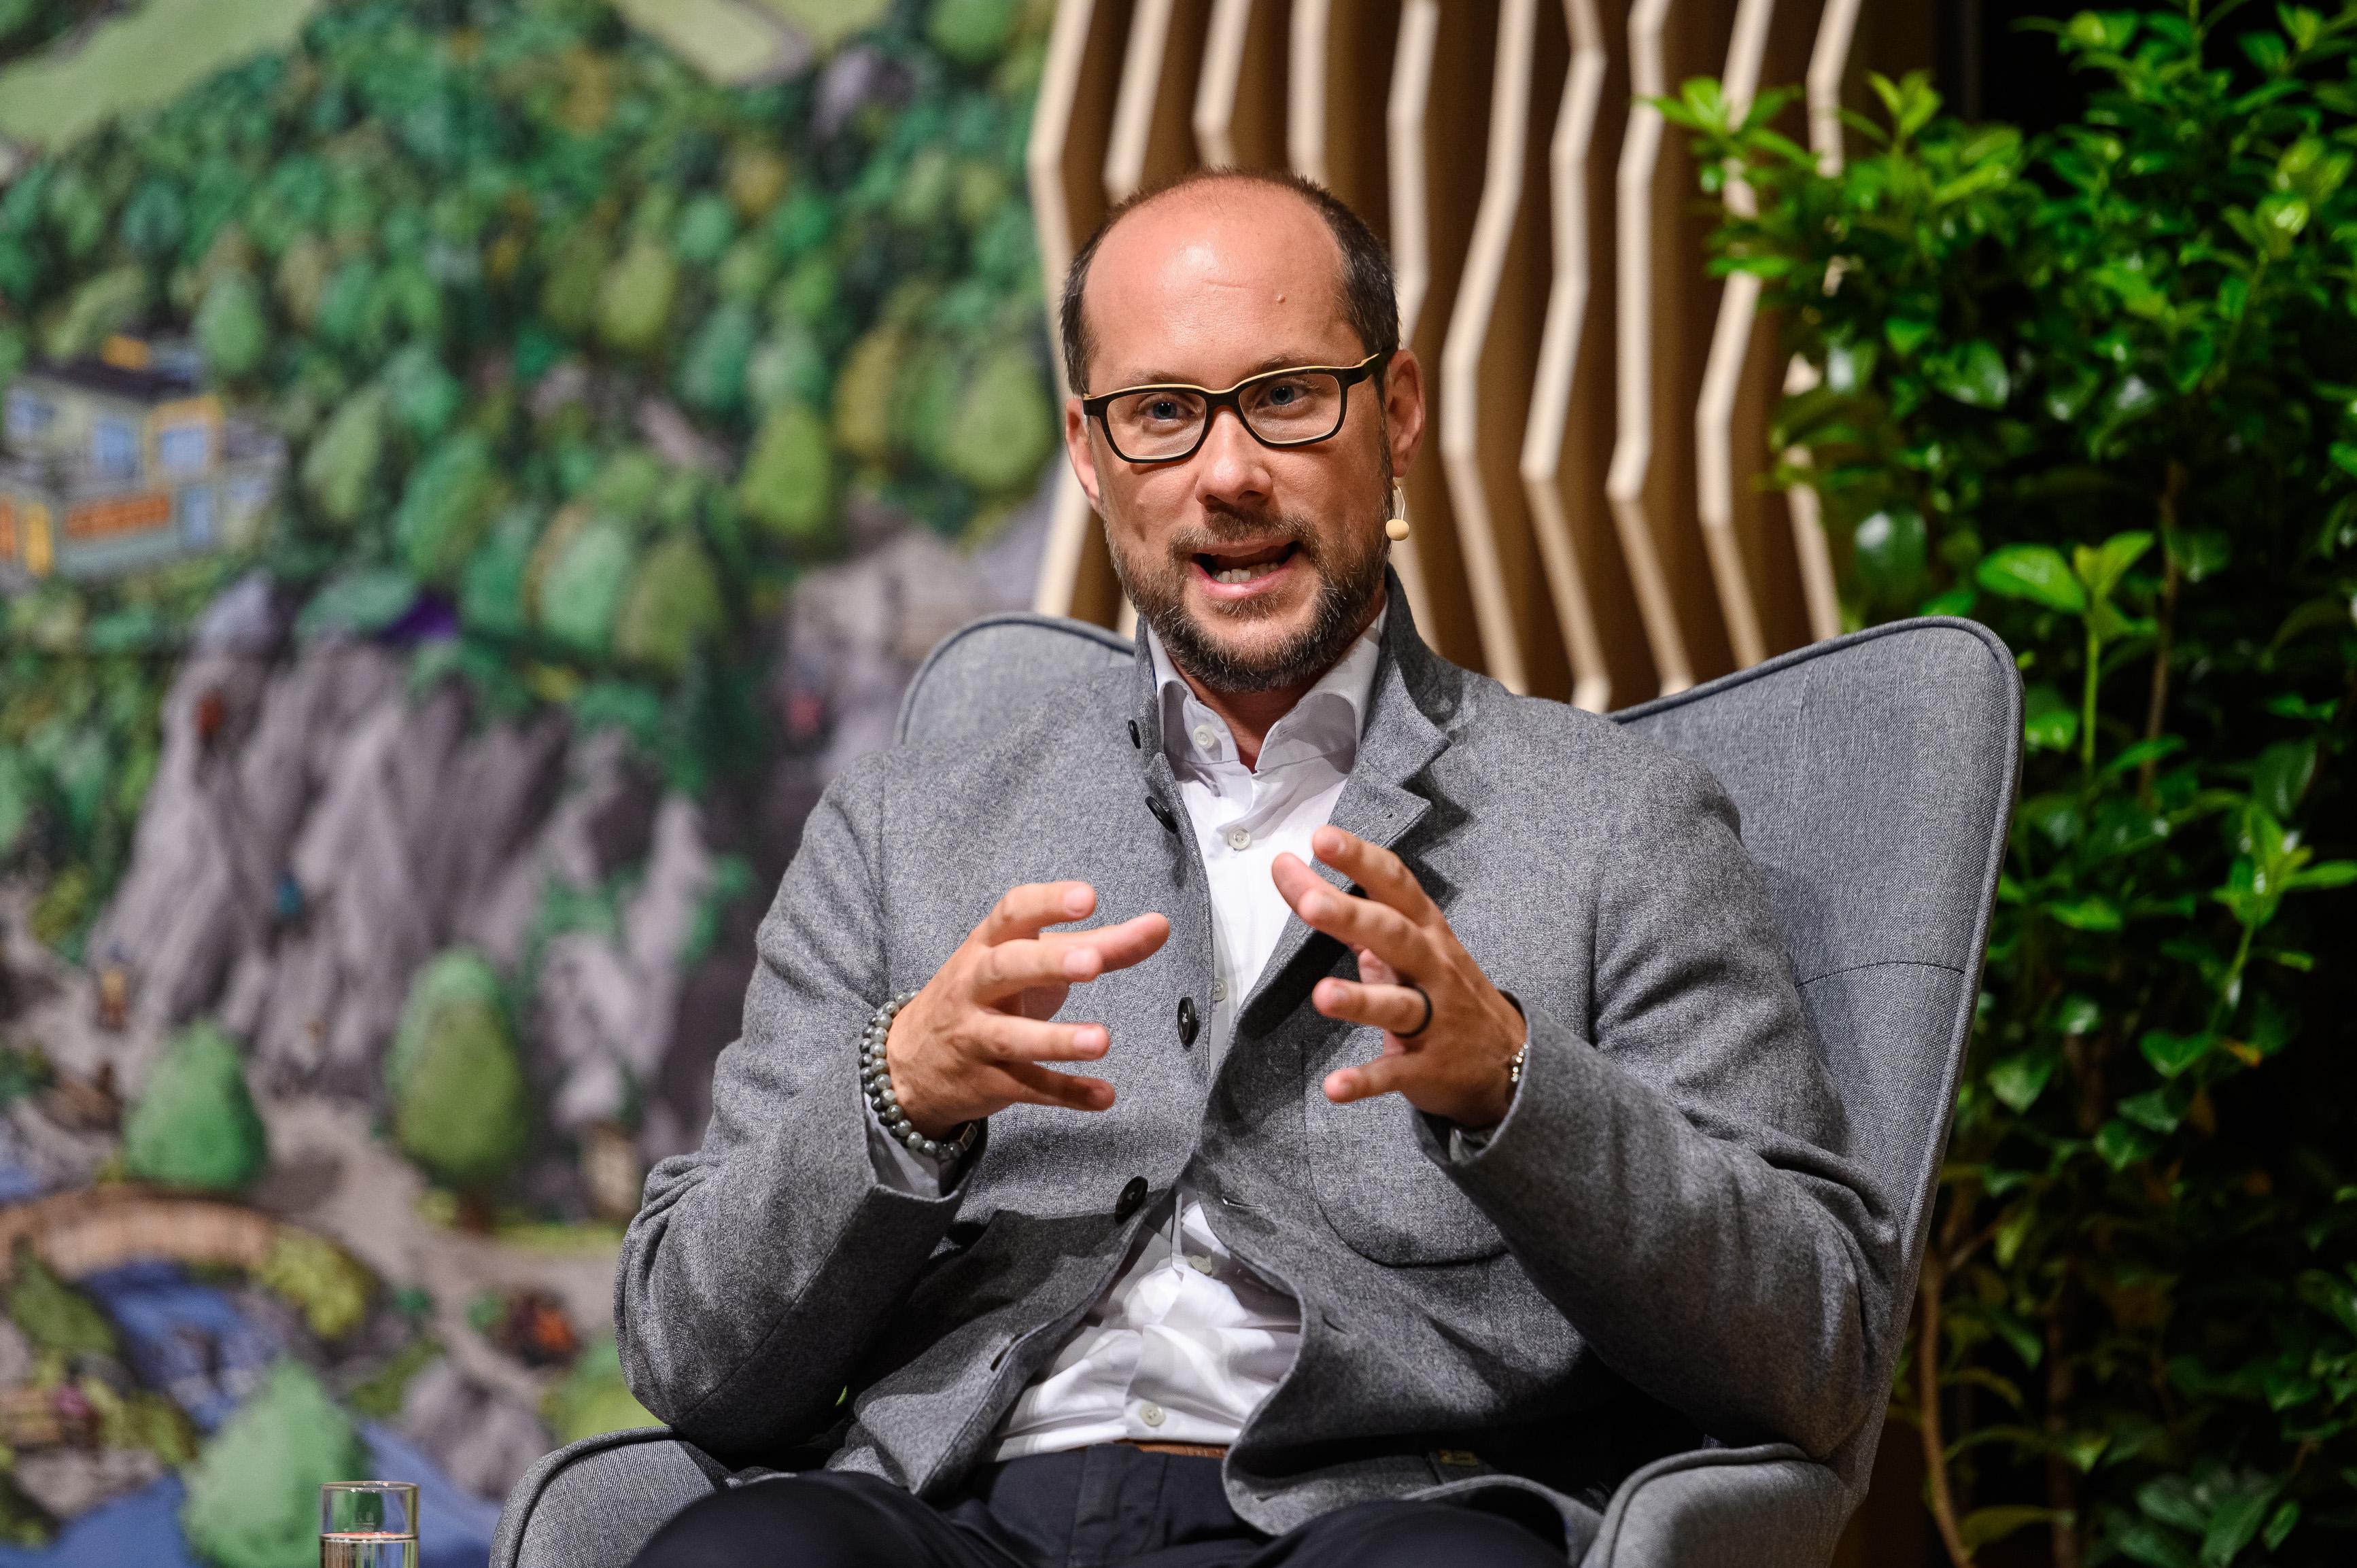 Mario Gerber, Interview